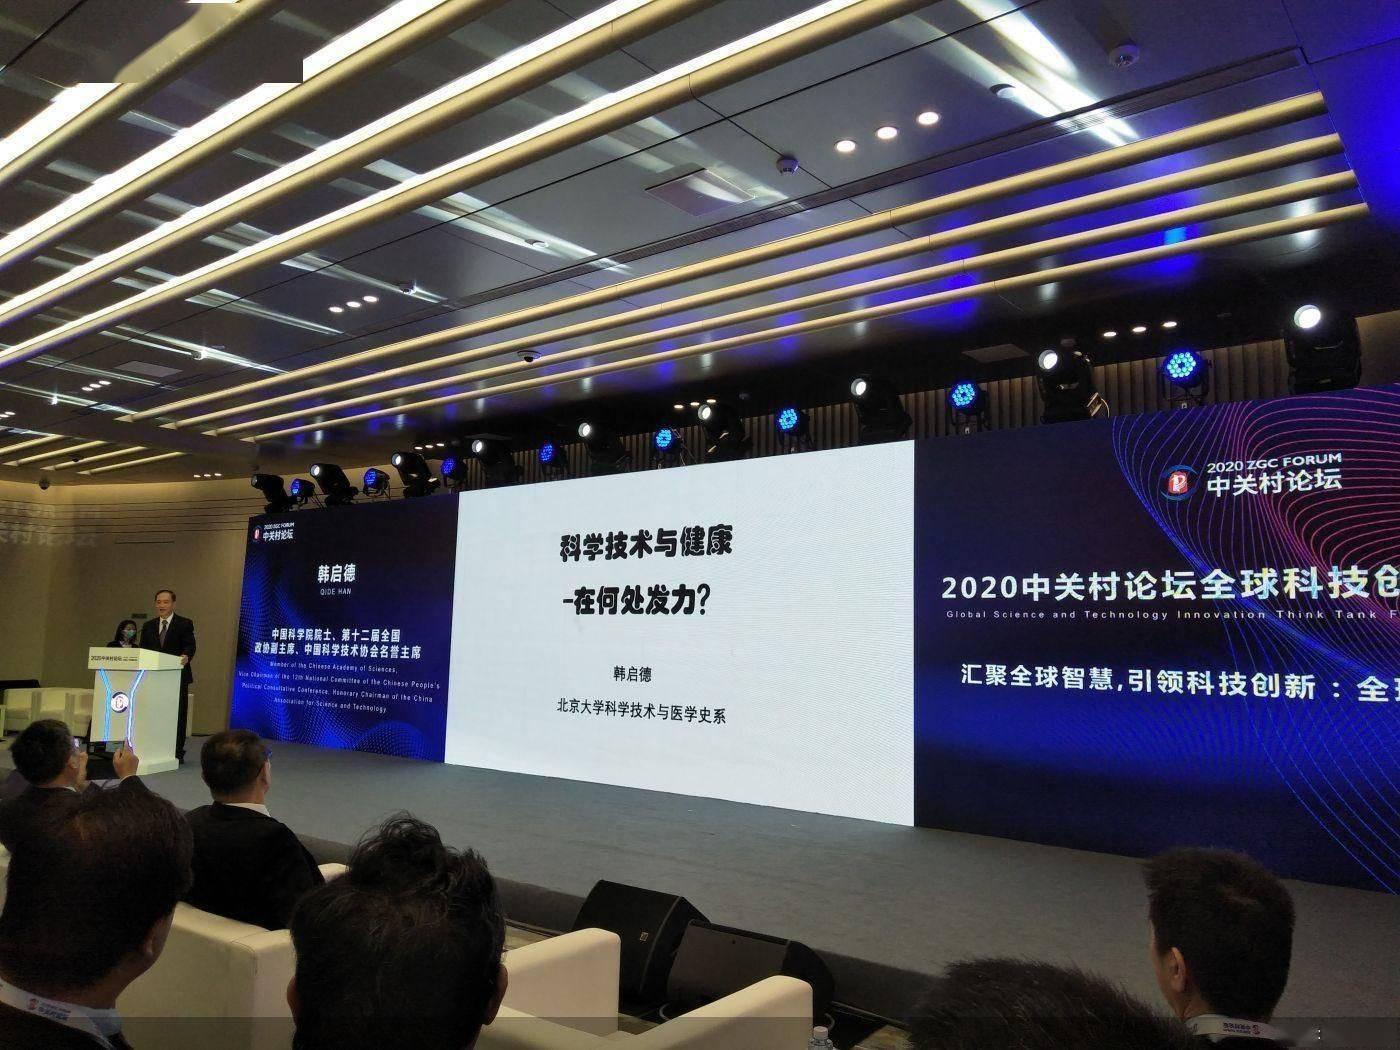 直击中关村论坛| 中国科学院院士韩启德:现阶段医疗技术发展对全民健康的贡献相当有限,要重点保证基本医疗